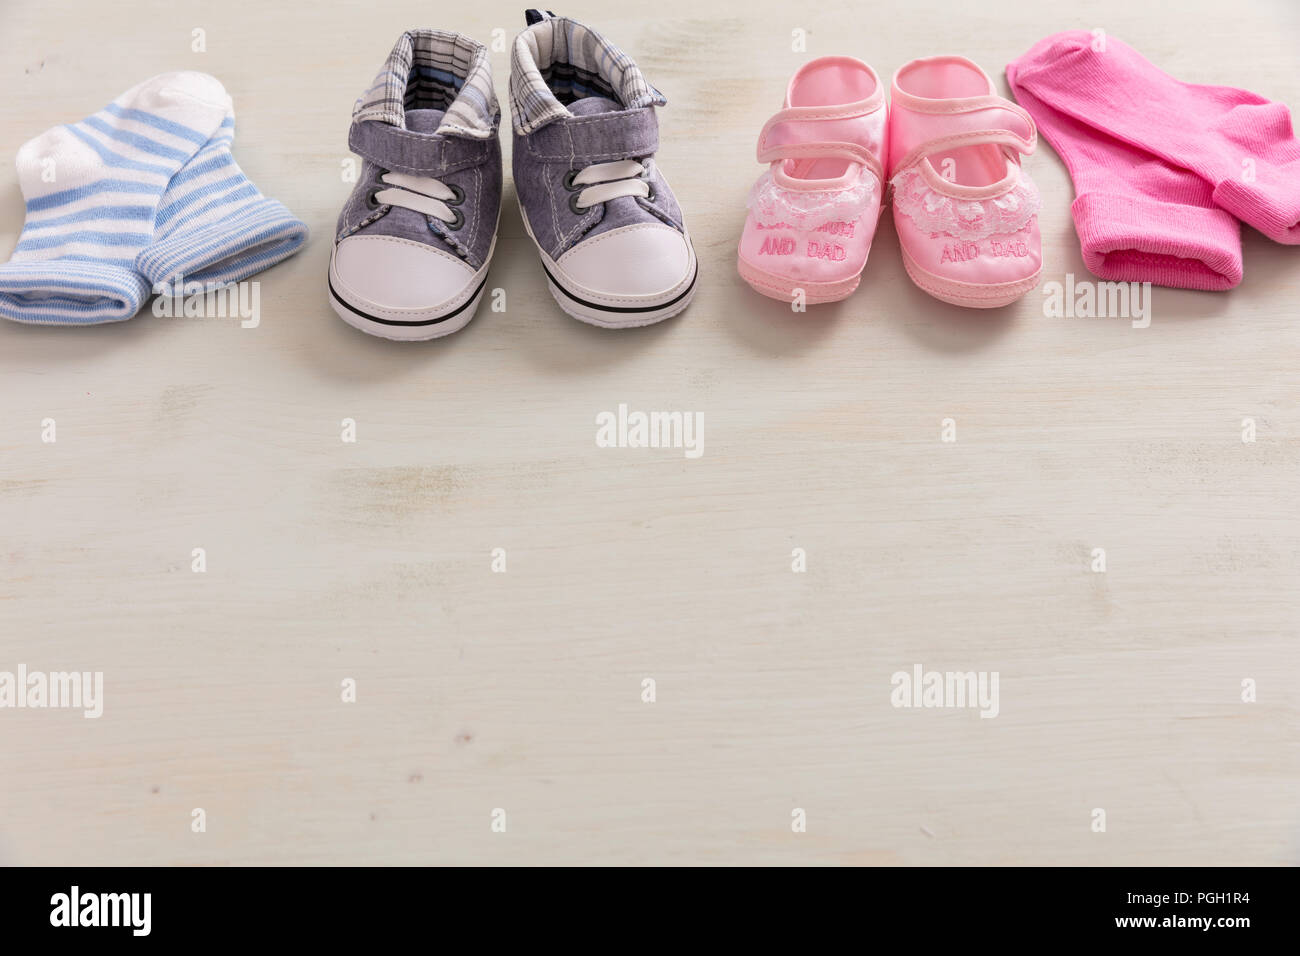 e1f883bcf21d30 Baby Boy Girl Pink Blue Stockfotos & Baby Boy Girl Pink Blue Bilder ...